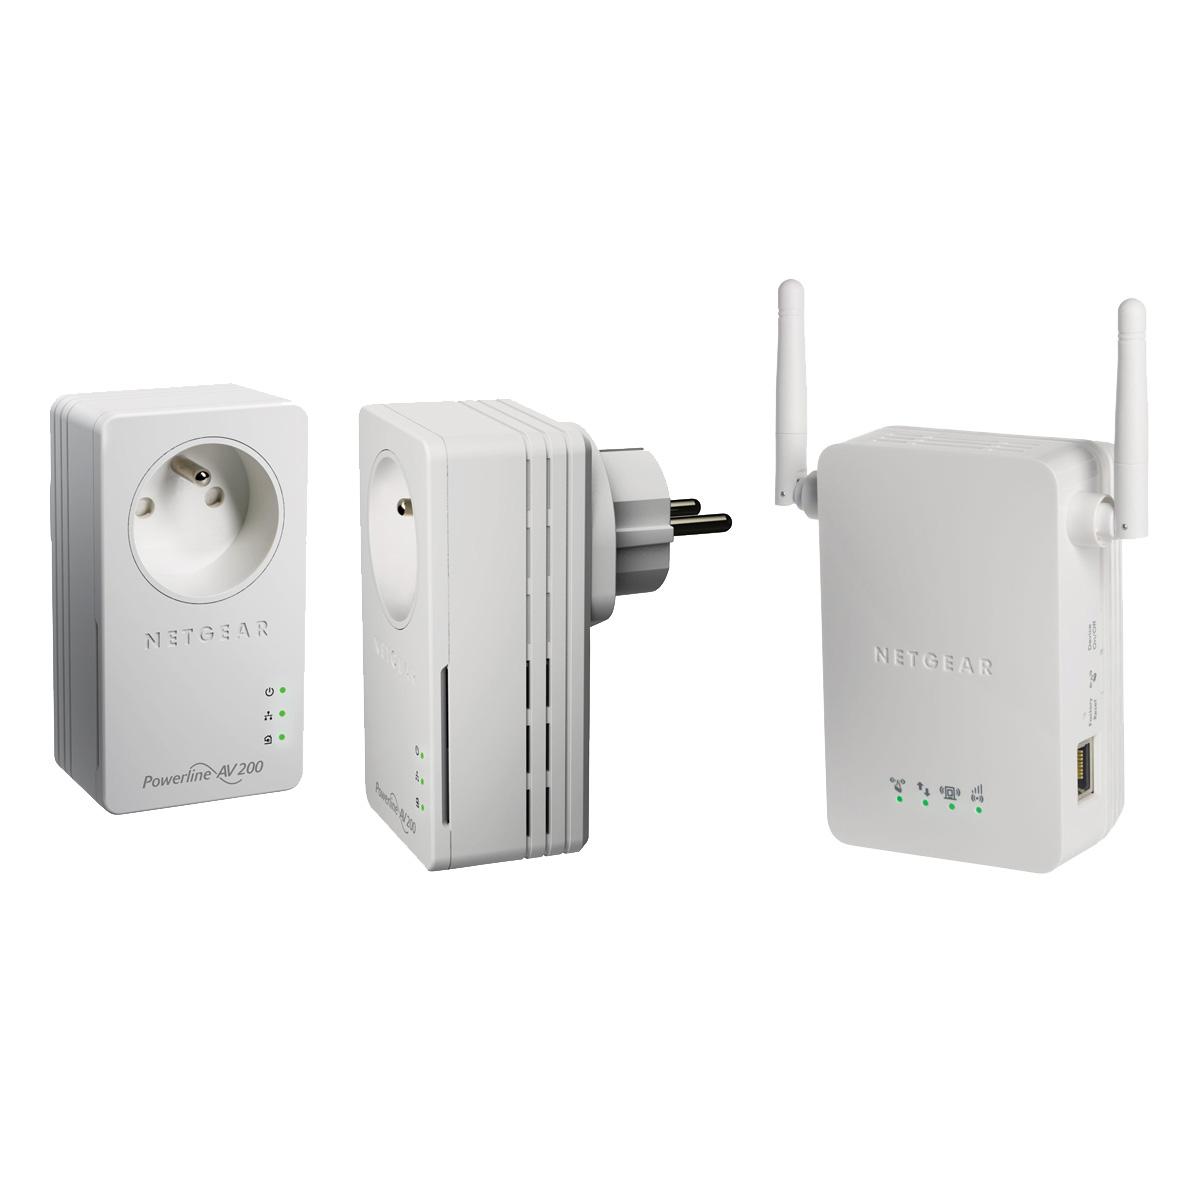 Netgear xavb1601 wn3000rp xavb1601 wn3000rp achat - Prise electrique wifi ...